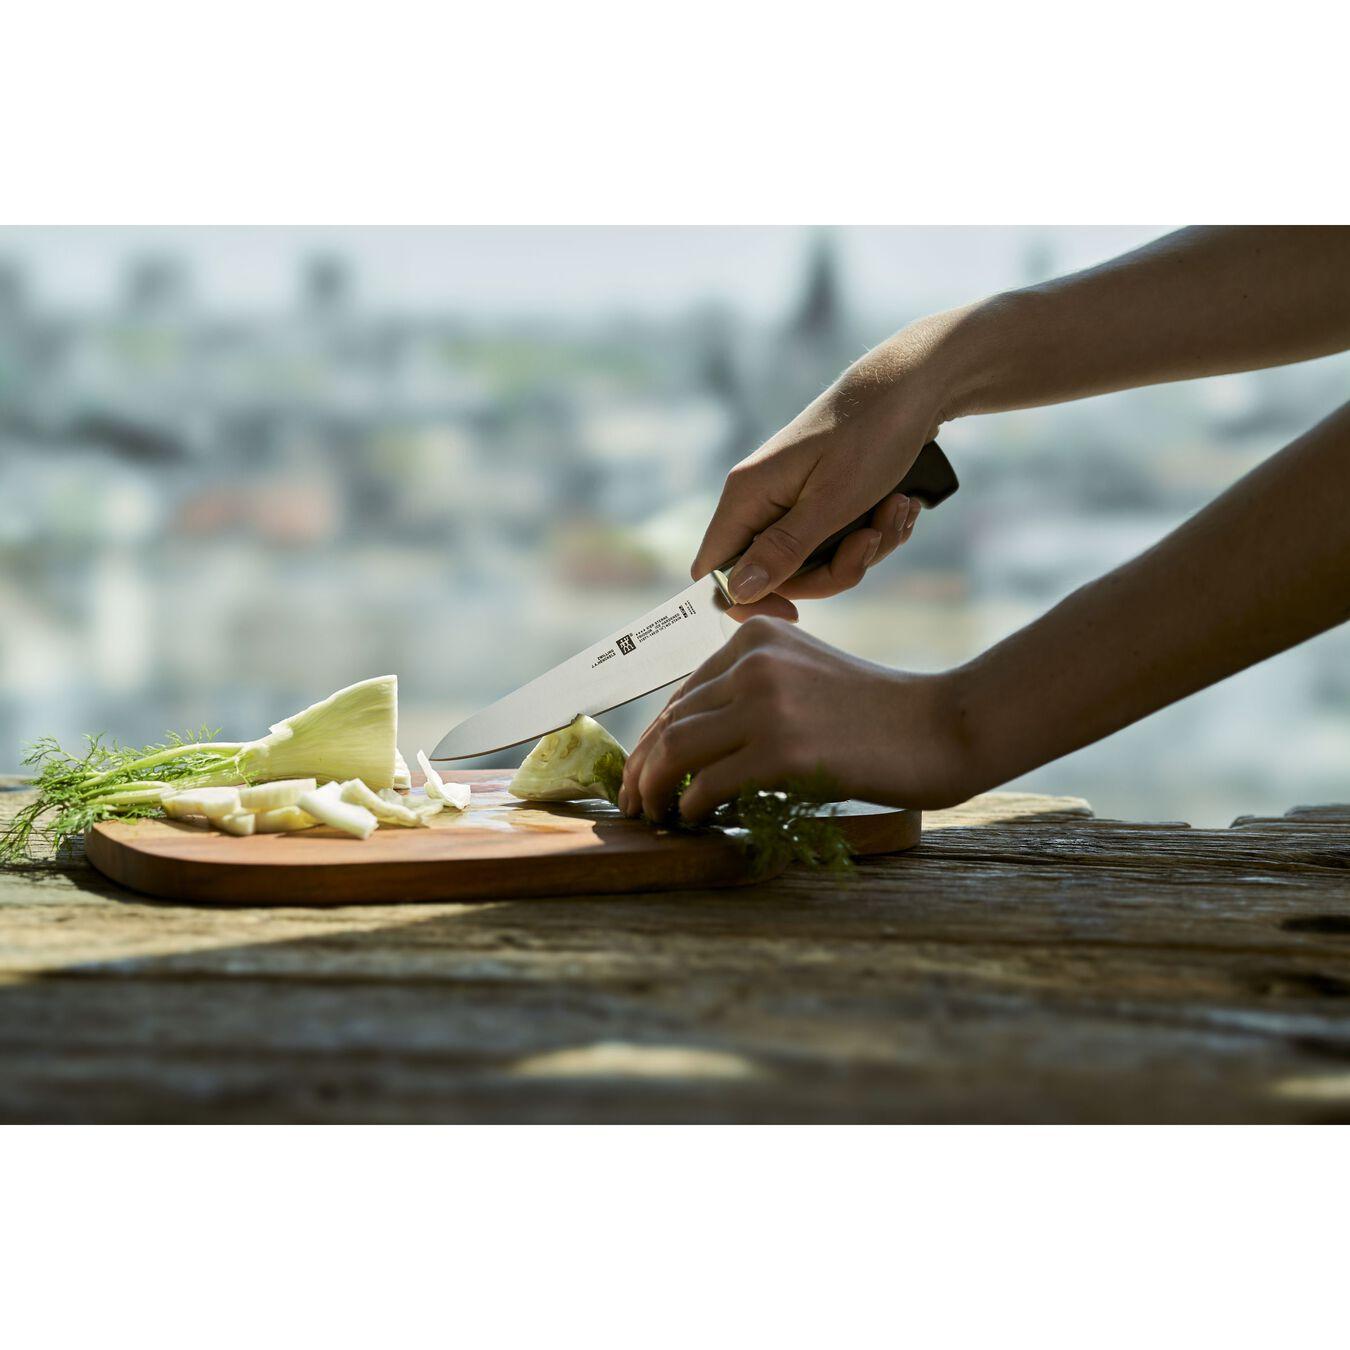 Coltello Chef compact liscio - 14 cm, forgiato, argento,,large 4